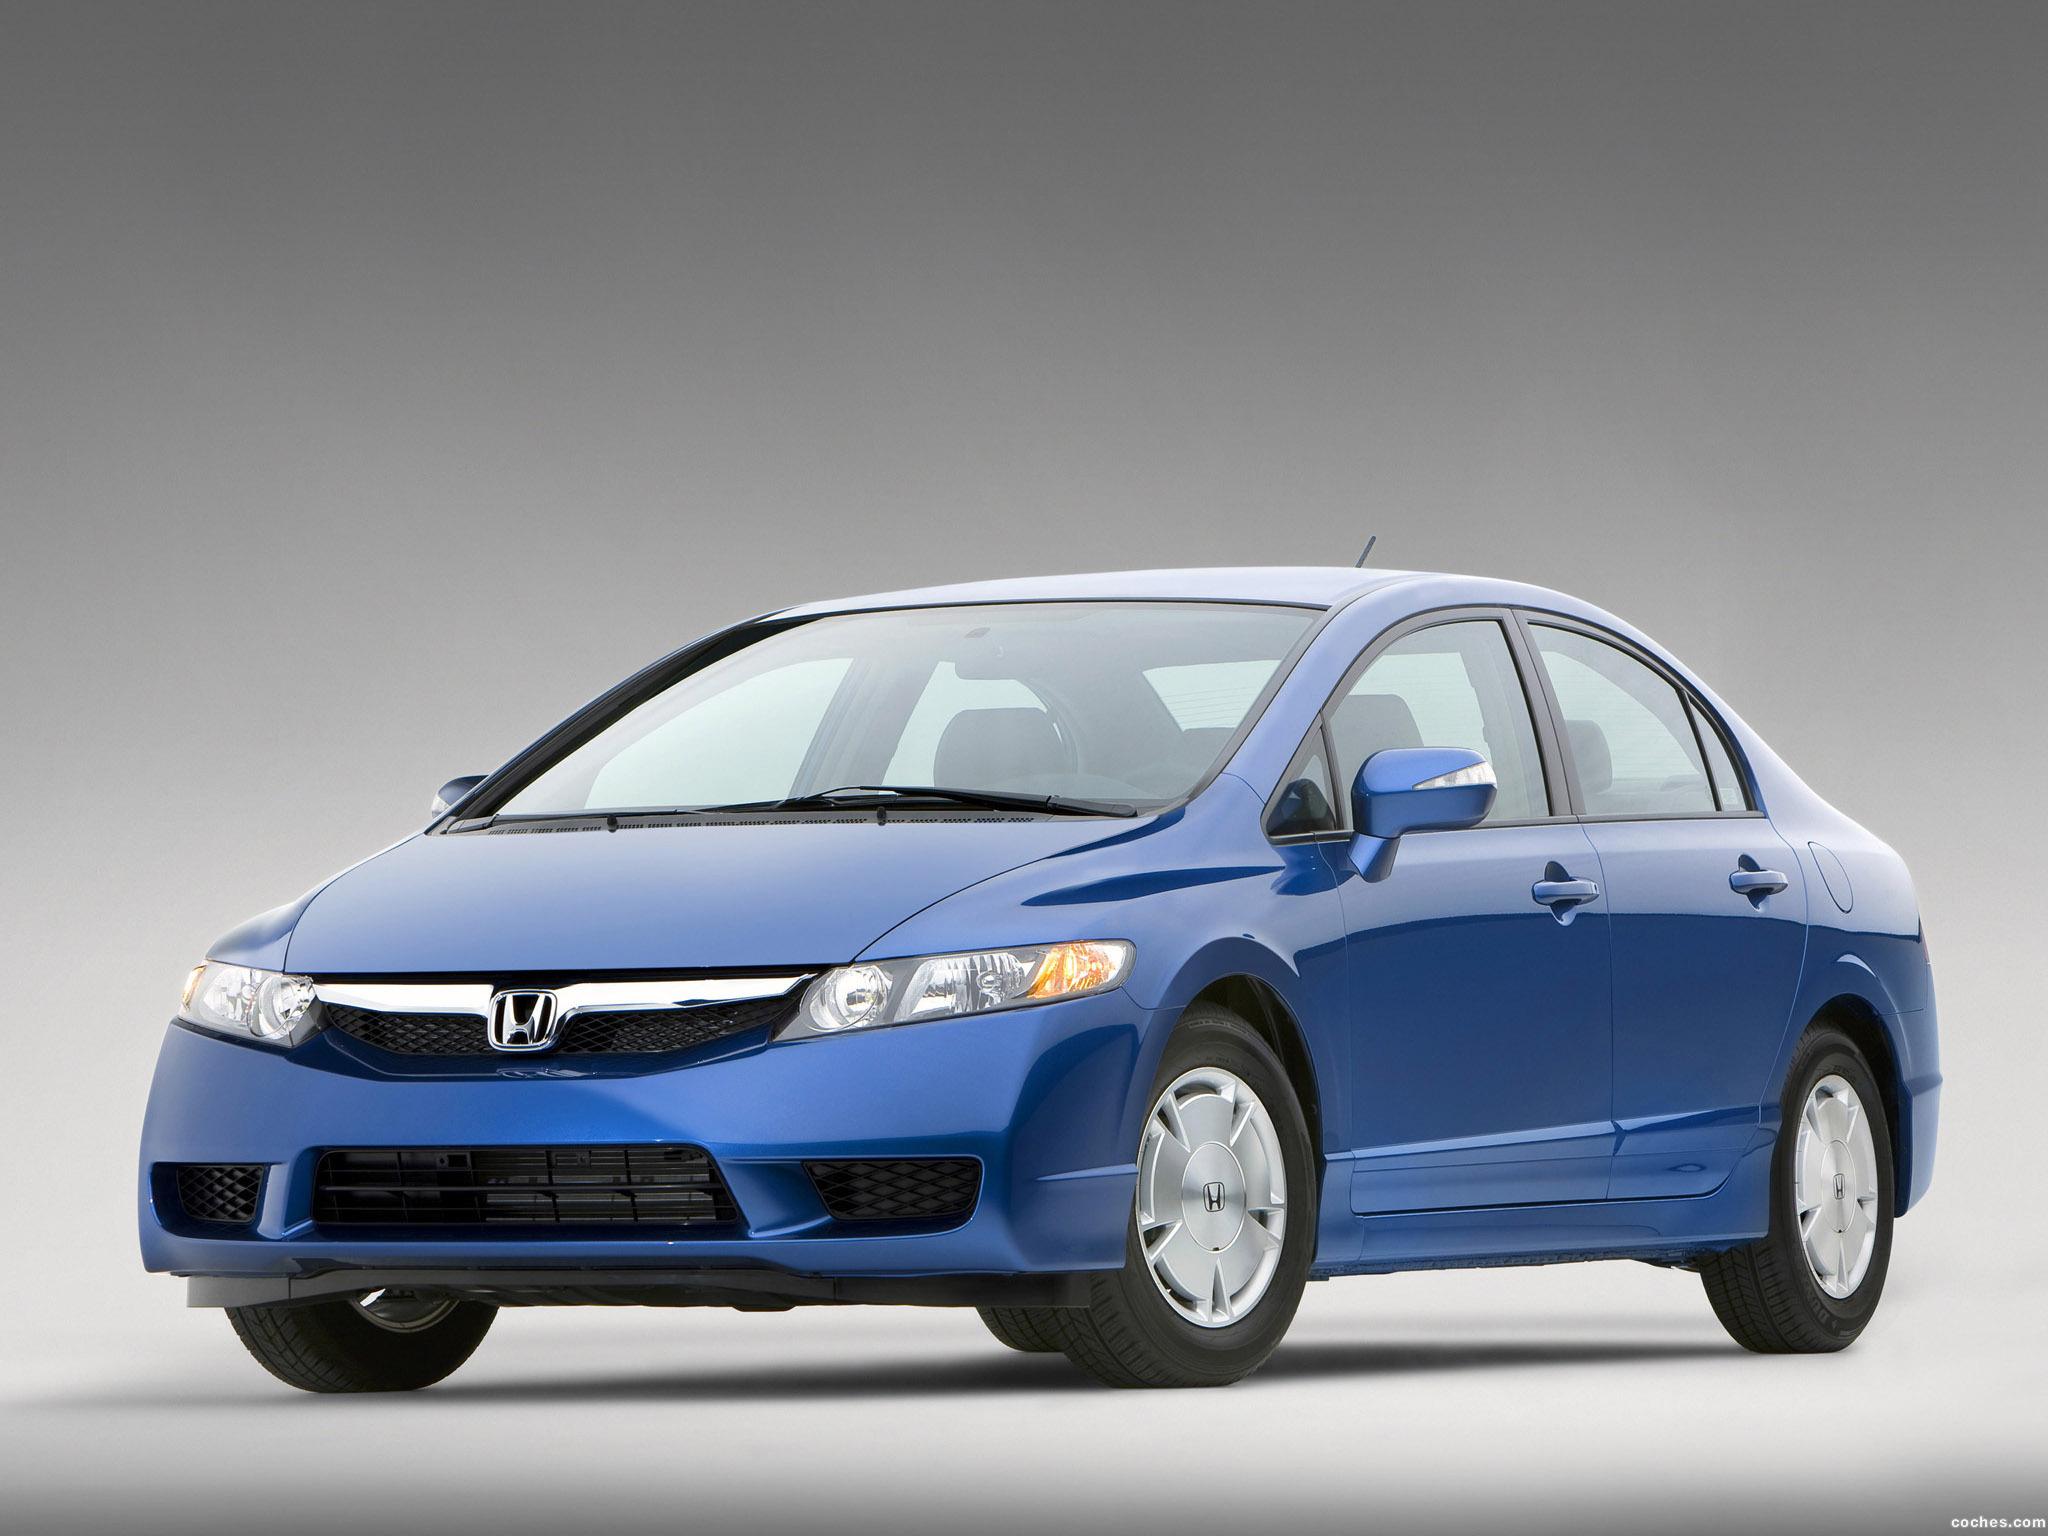 Foto 0 de Honda Civic Hybrid USA 2008